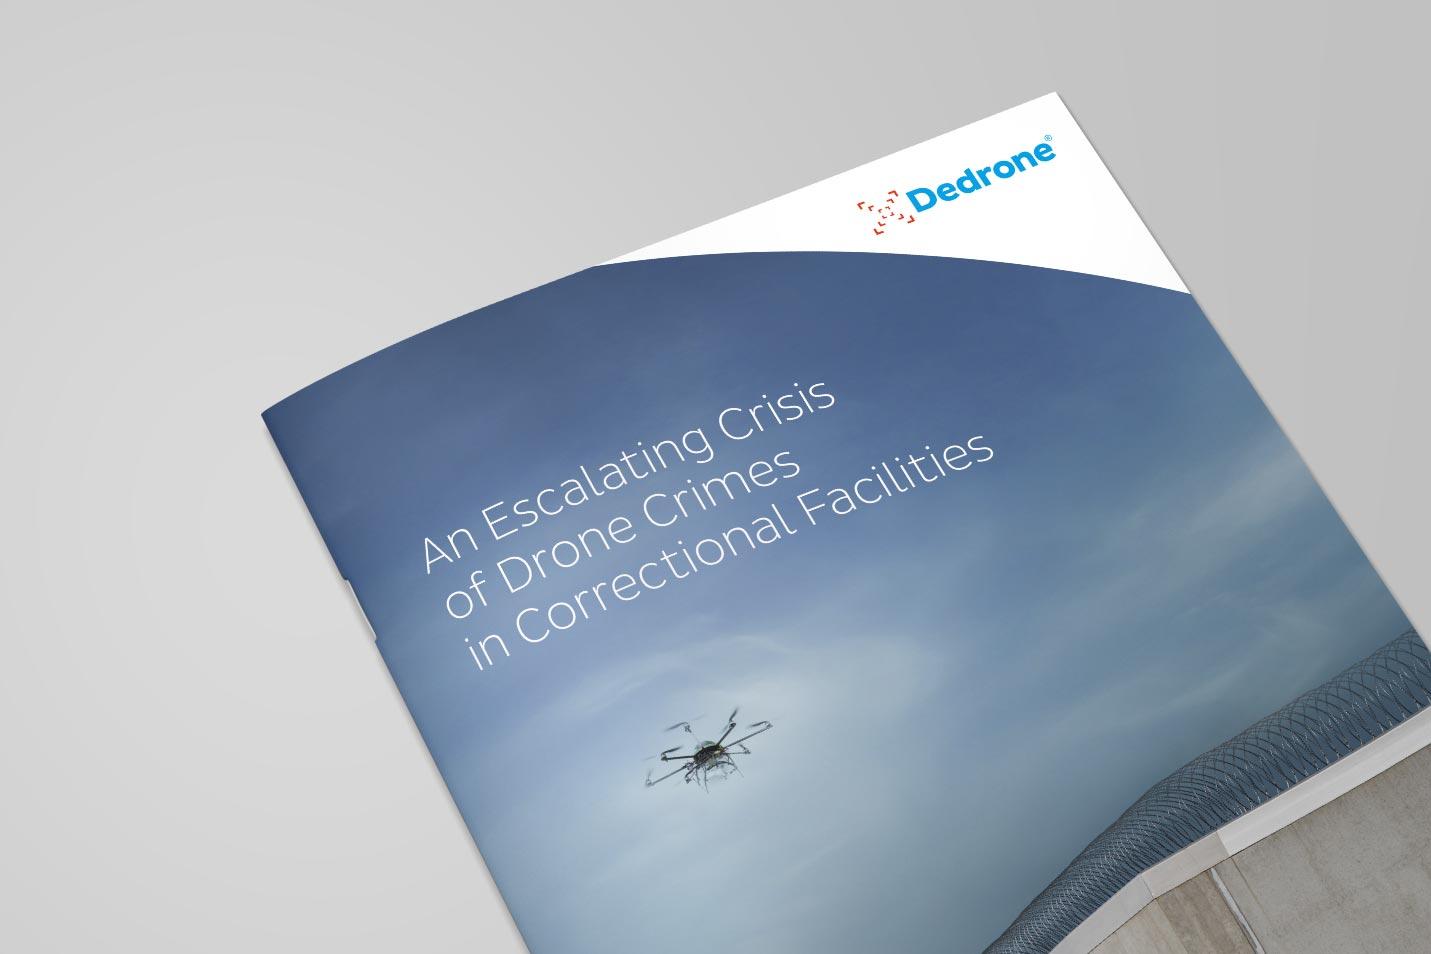 An Escalating Crisis of Drone Crimes in Correctional Facilities